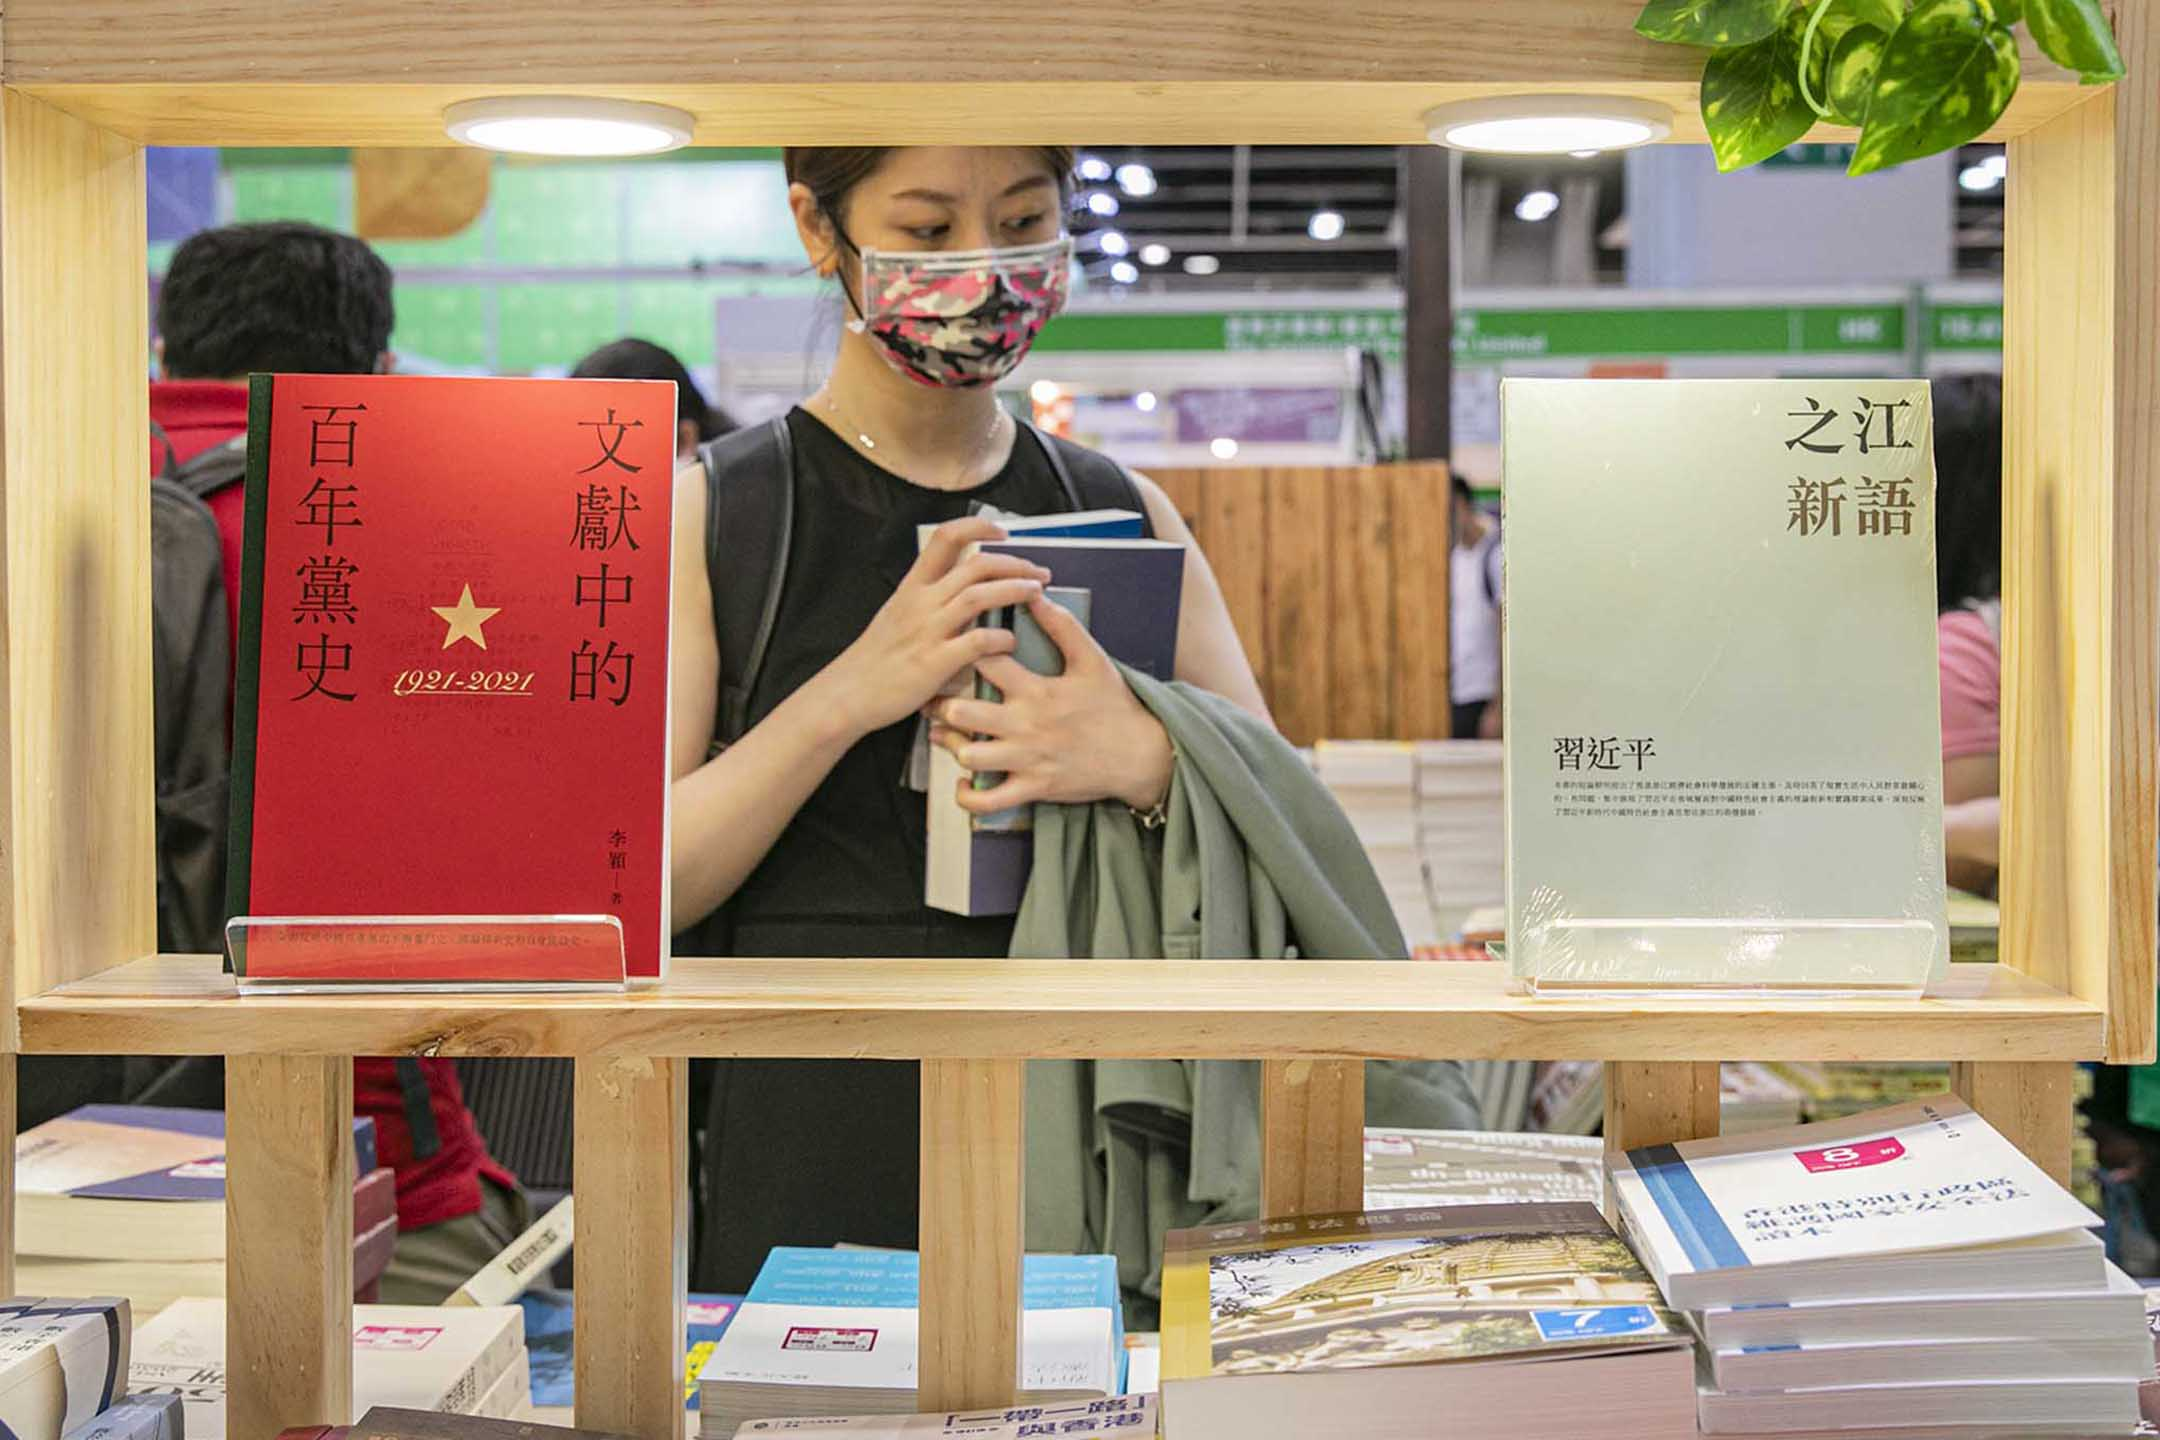 2021年7月14日香港書展,參展商三聯的攤位。